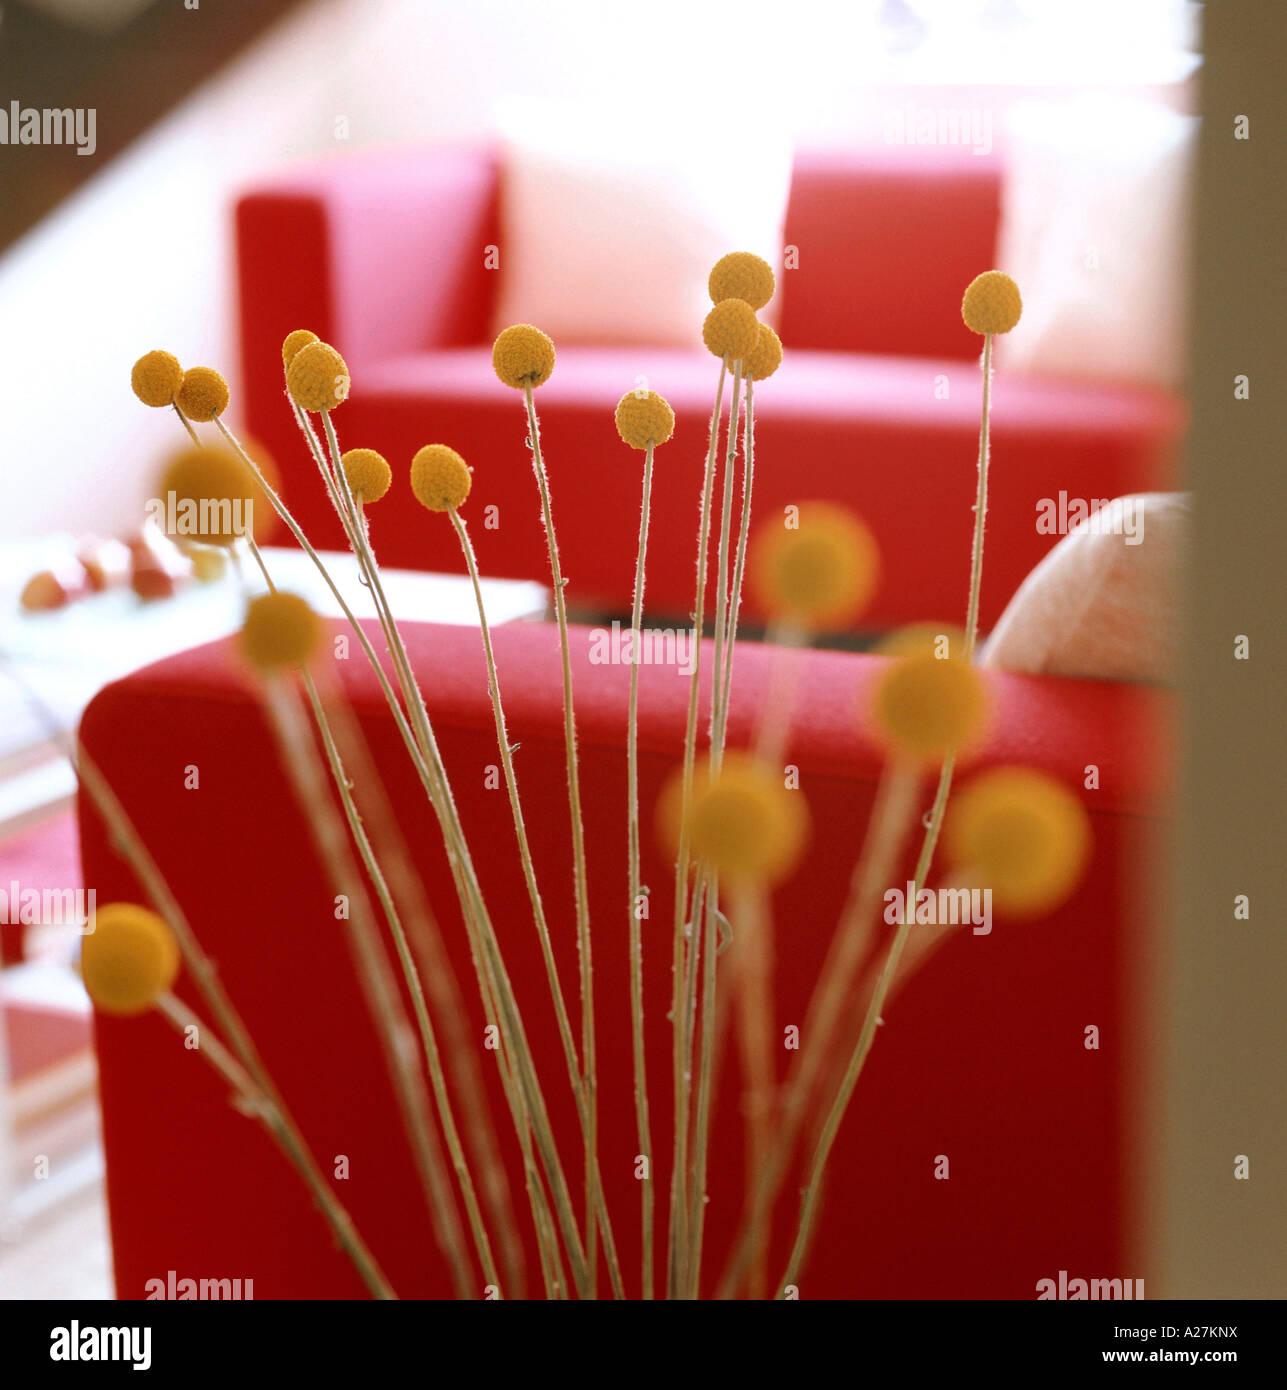 Dettaglio della pianta seccata capi in interni con divani rossi Immagini Stock